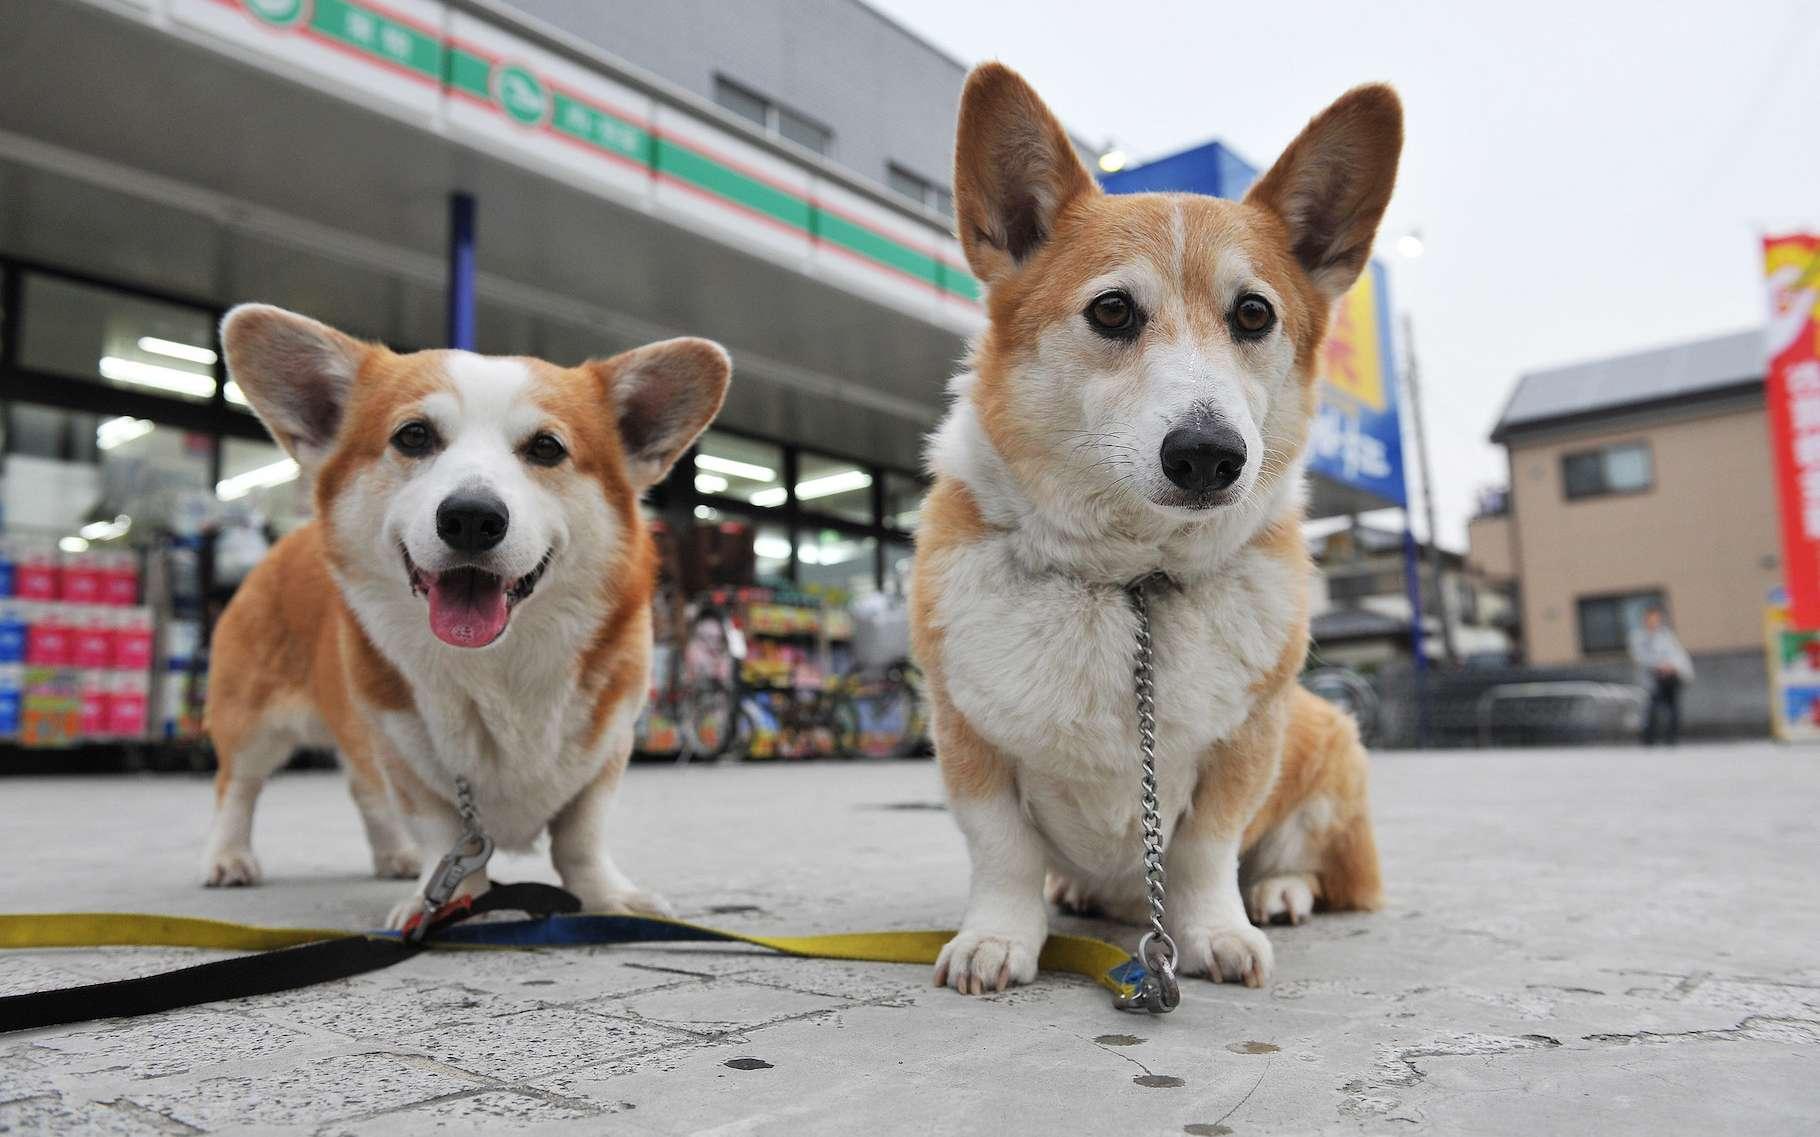 Les chiens augmentent la probabilité d'être infecté par le SARS-CoV-2. © luckyno3, Flickr